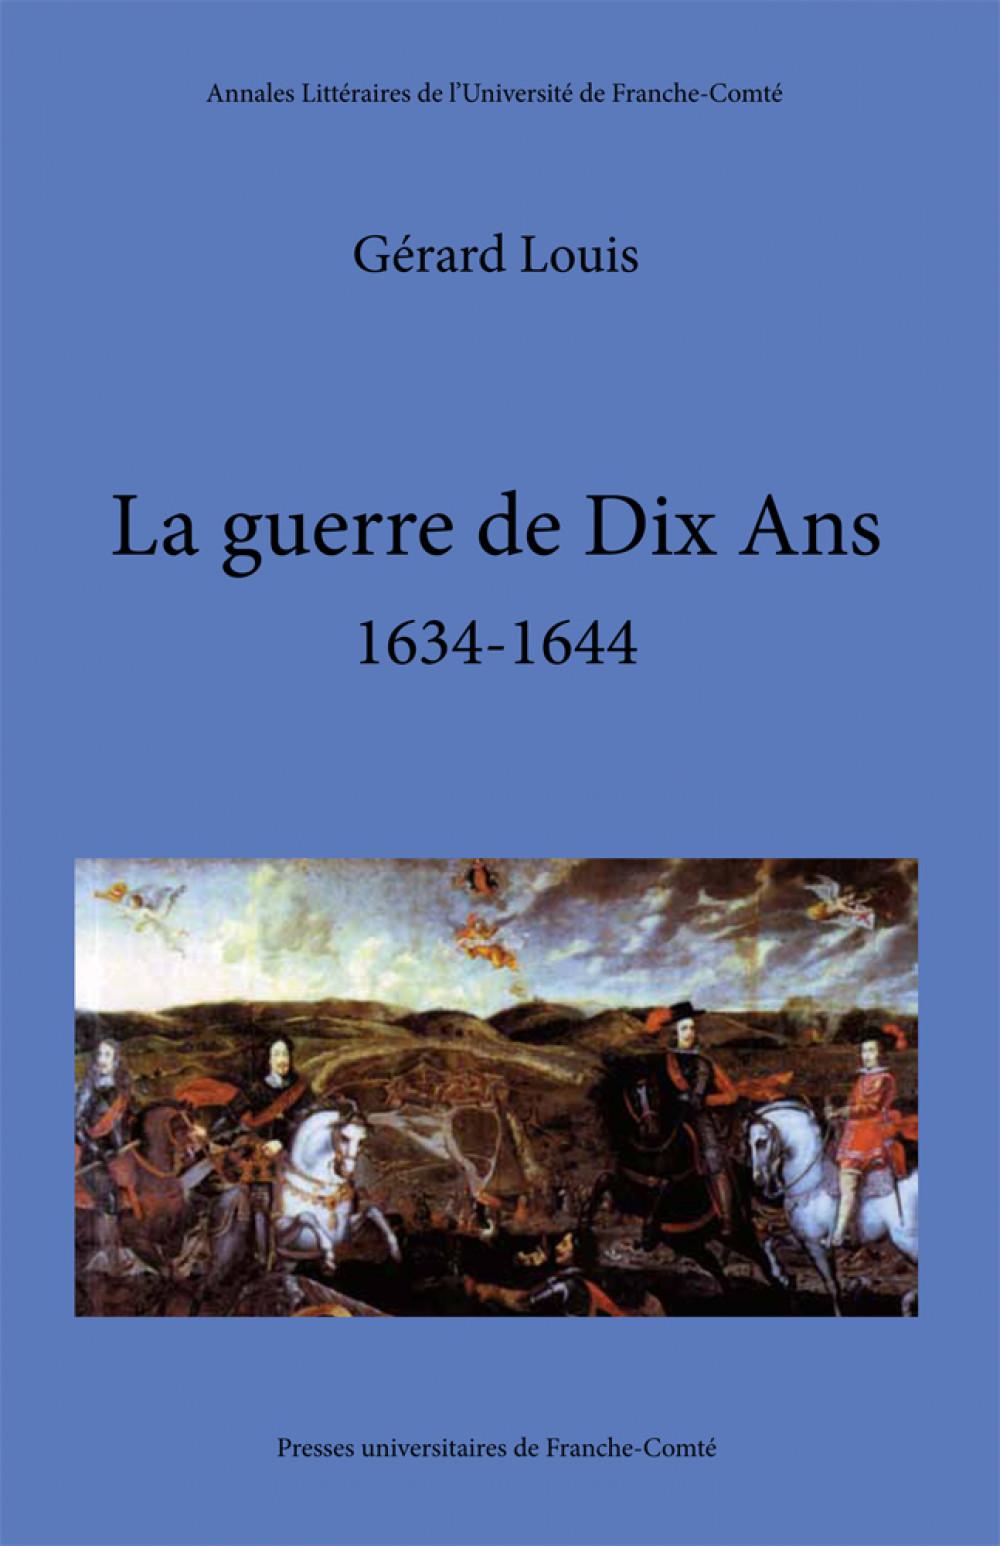 La guerre de Dix ans (1634-1644)